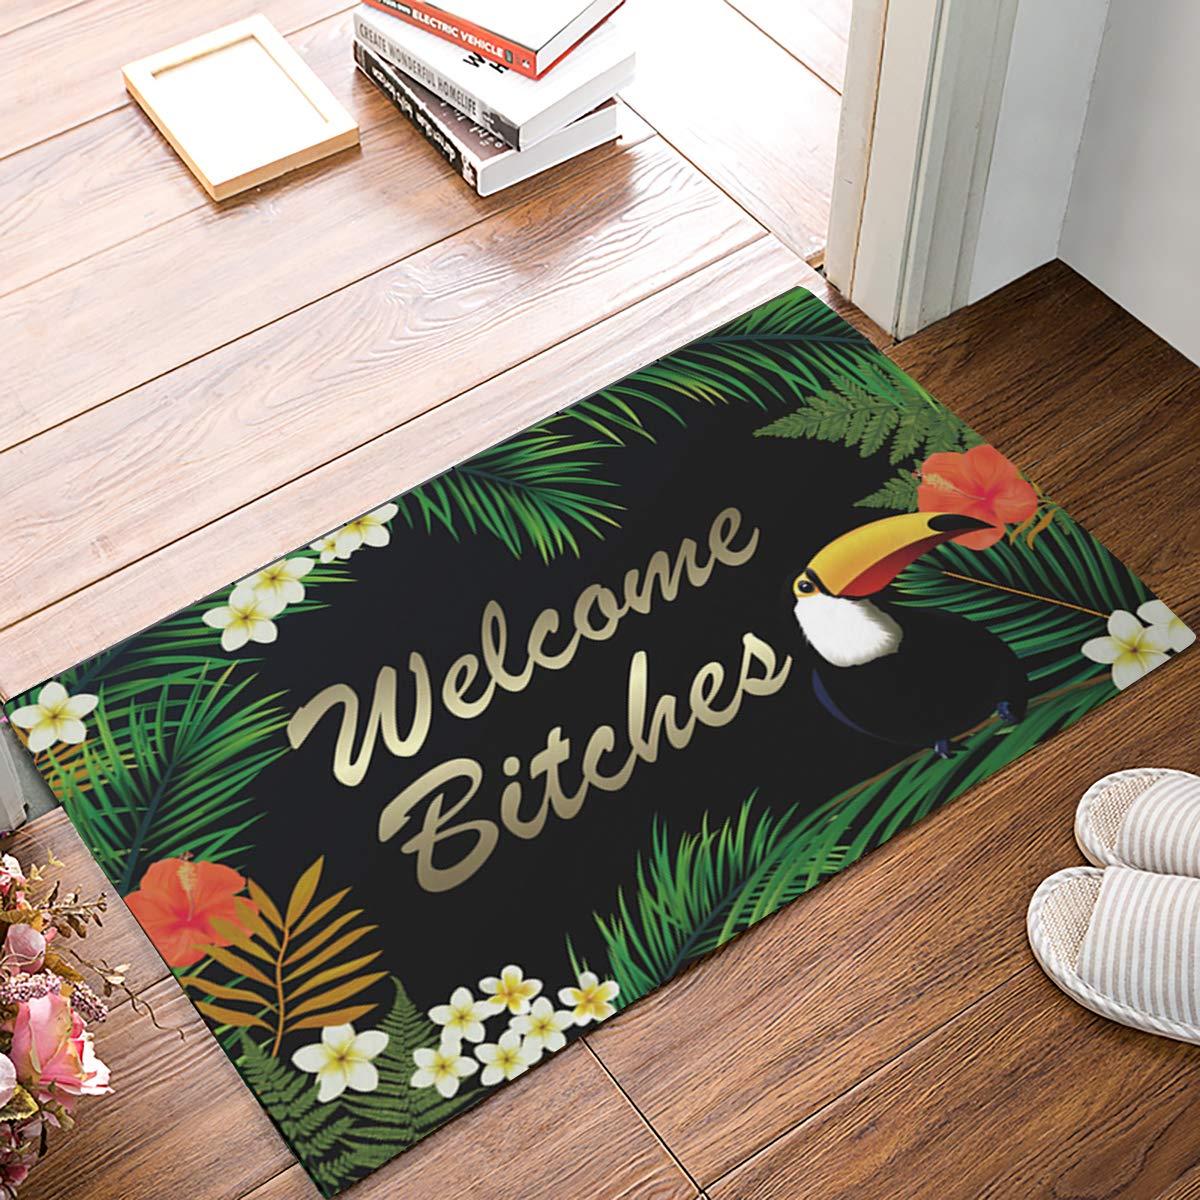 Custom Waterproof Bathroom African Woman Door Mats Indoor Kitchen Floor Entrance Rug Mat Carpets Home Decor Absorbent Bath Doormats Rubber Non Slip 18 x 30 Inch